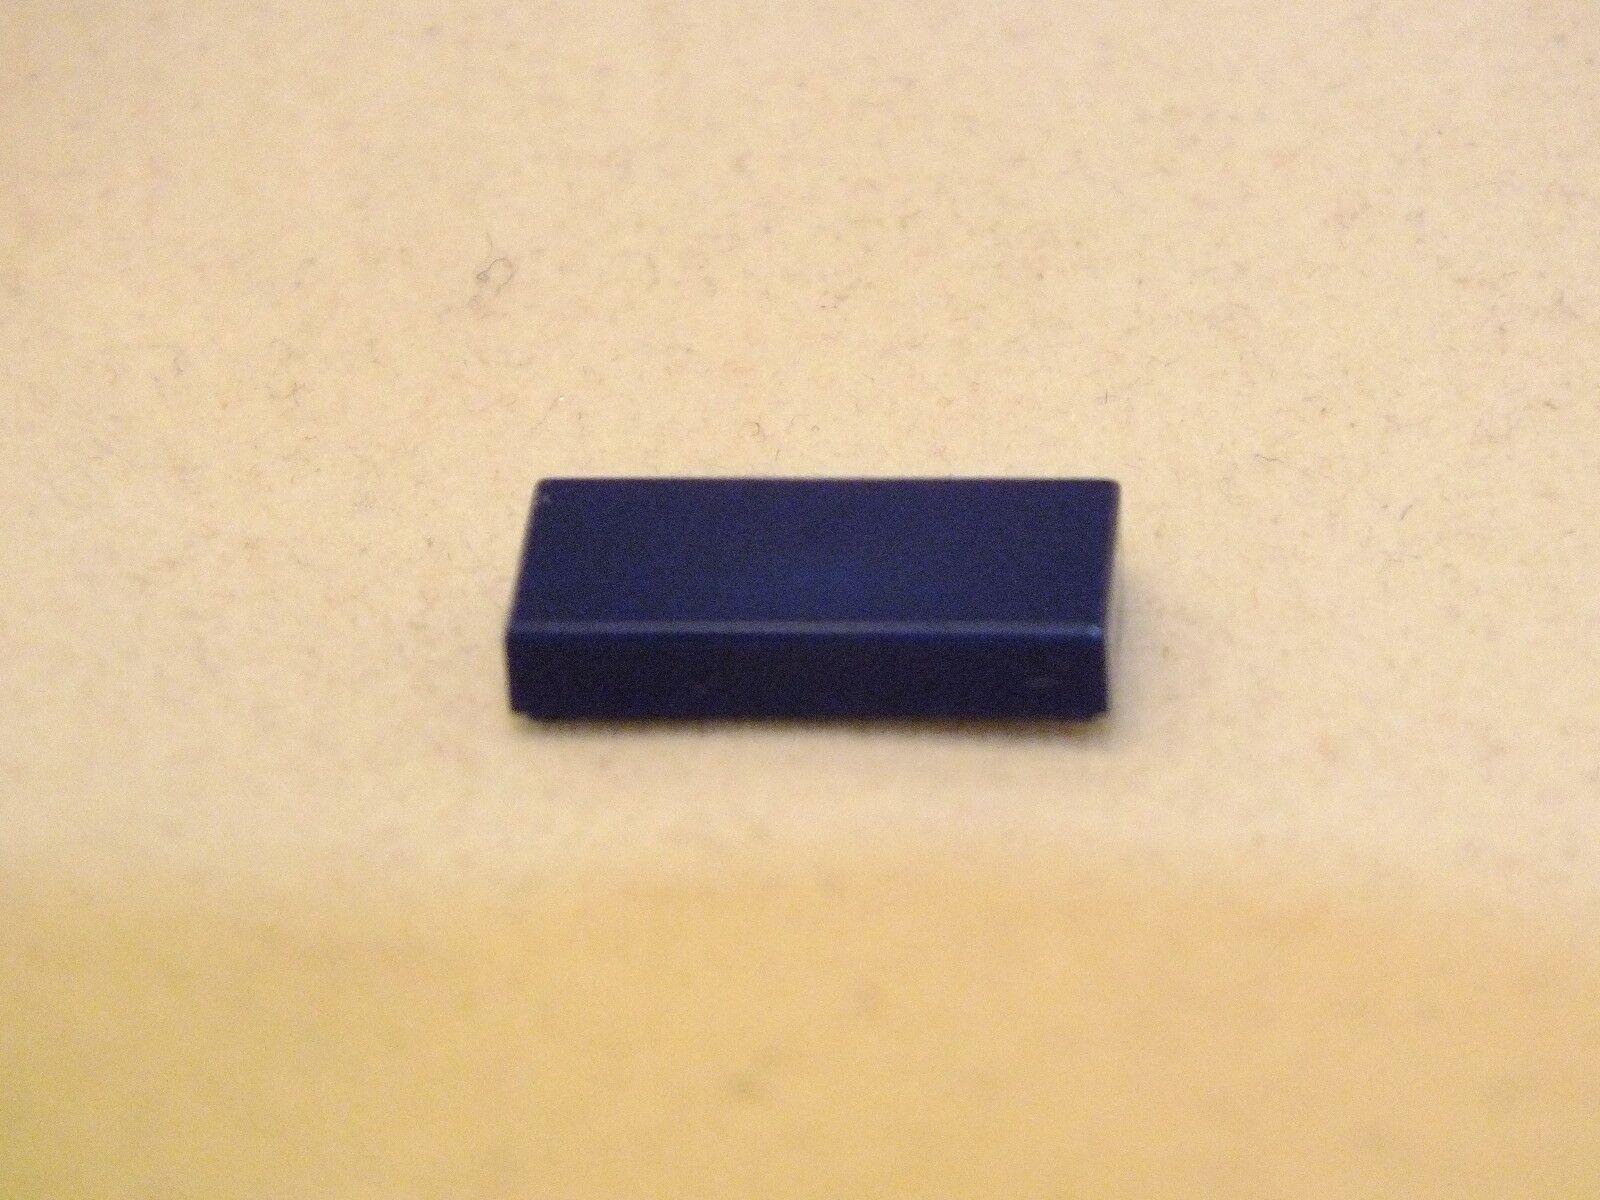 Lego 1X2 Bleu Foncé Plat Carrelage Brique Neuf jamais utilisé 800 PIECES